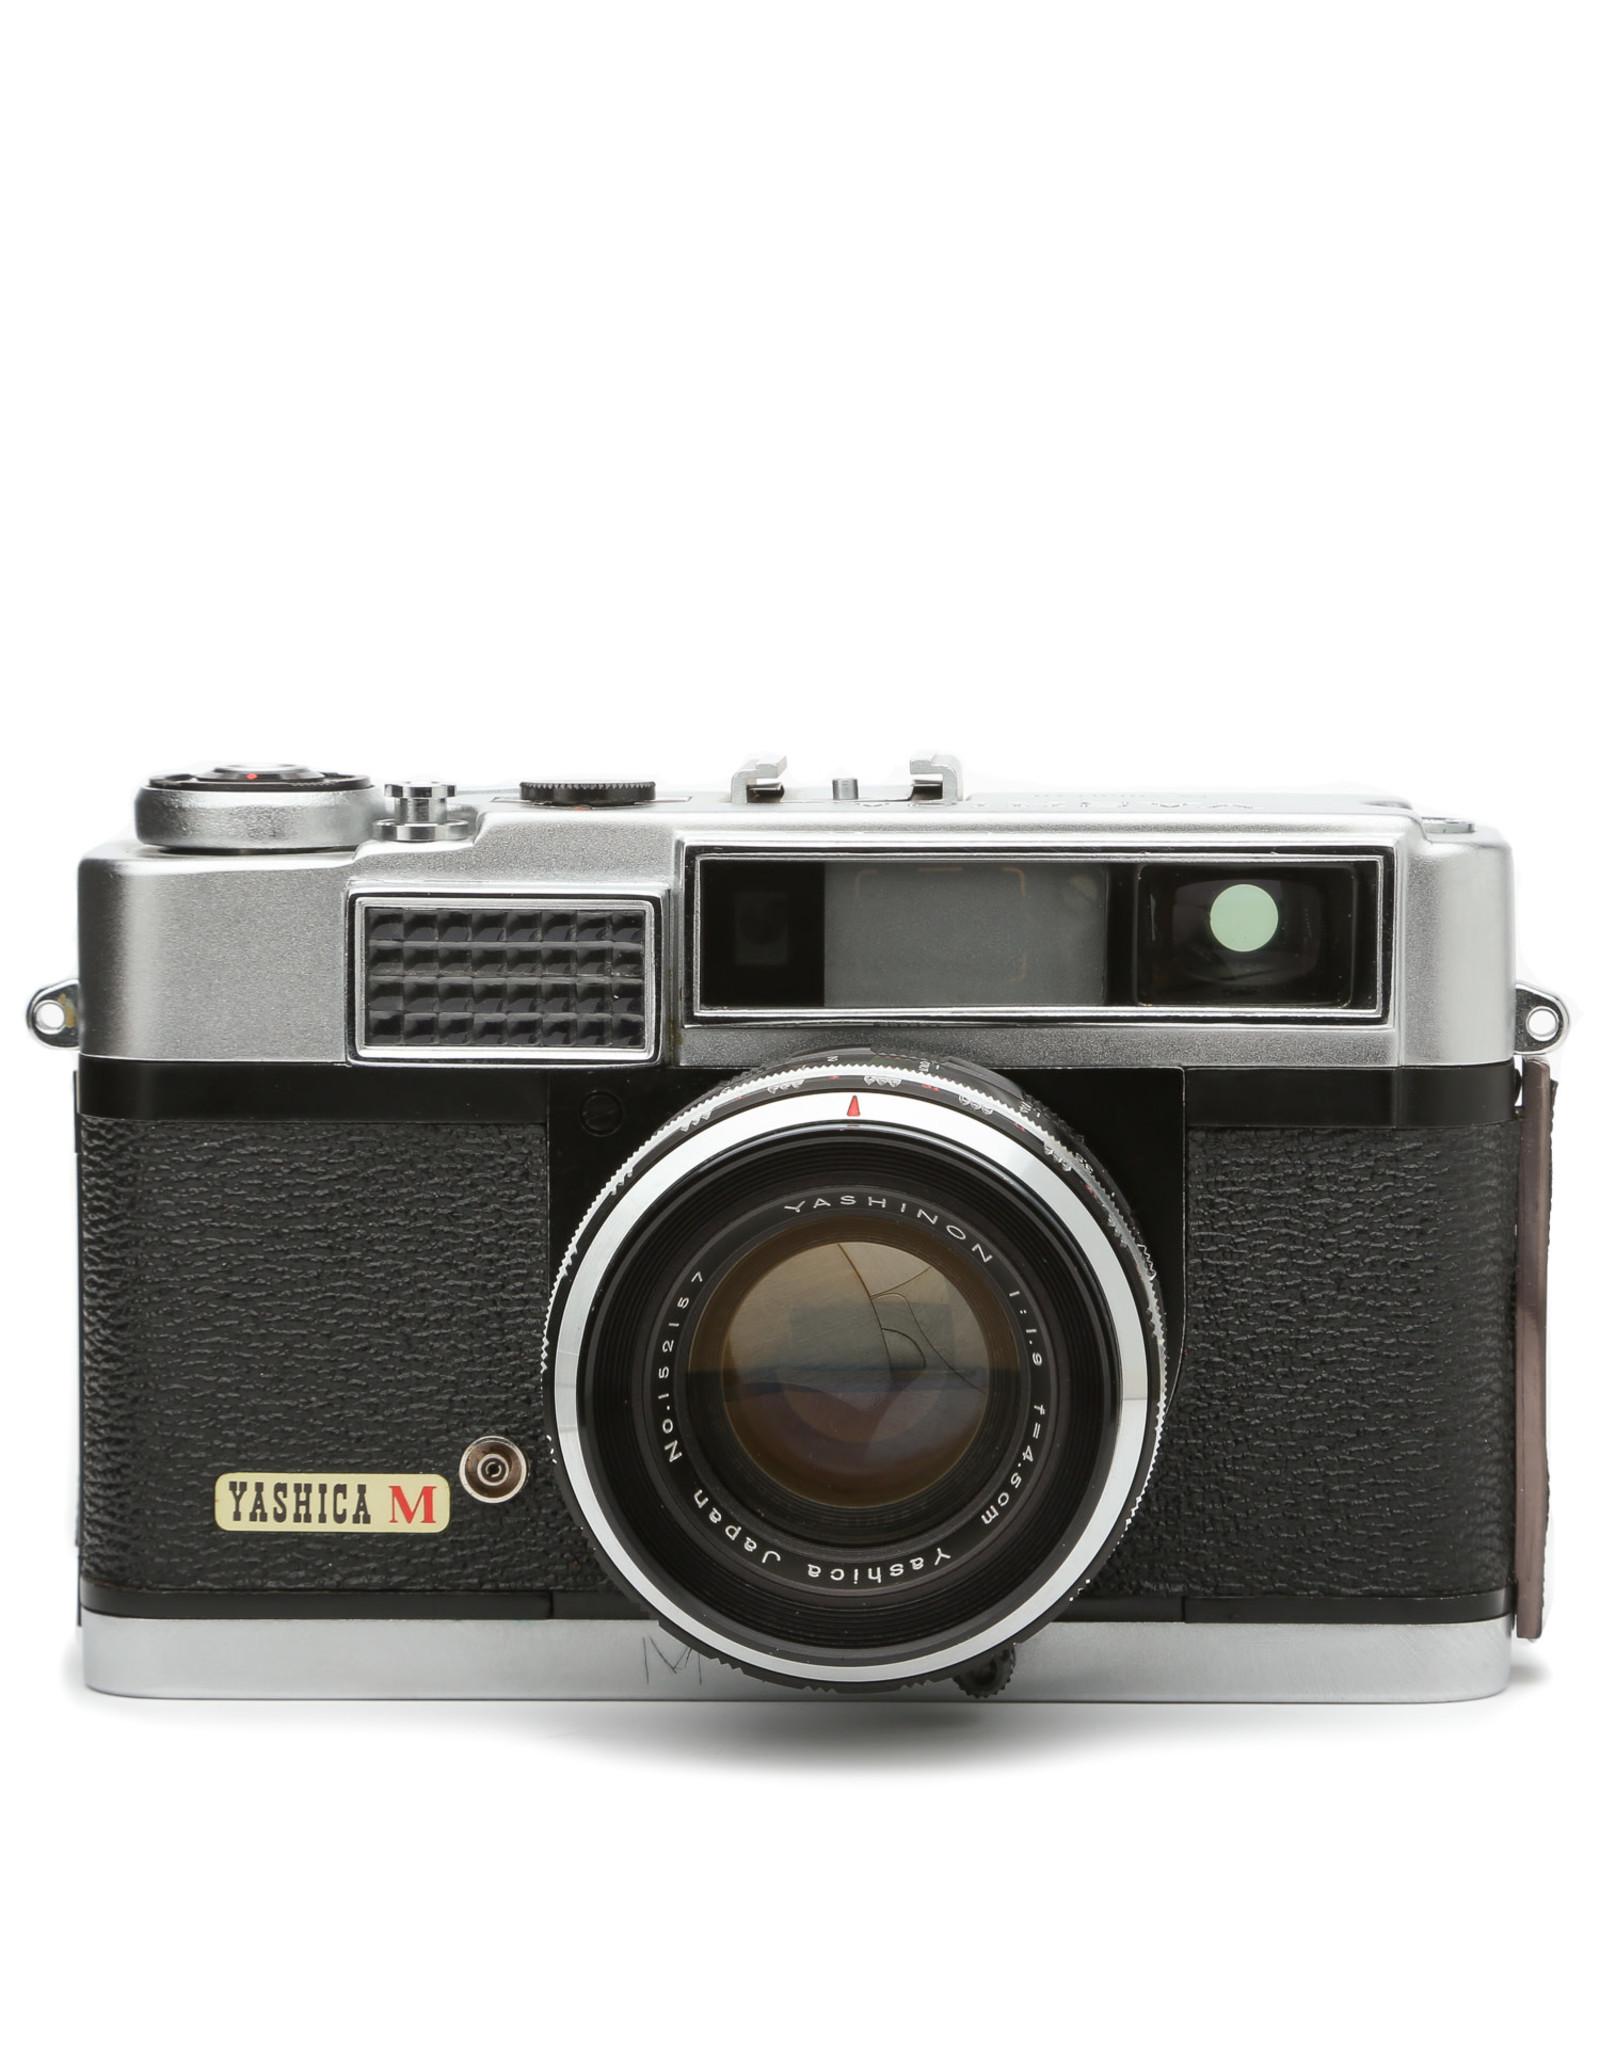 Yashica YASHICA M 35mm Rangefinder Camera